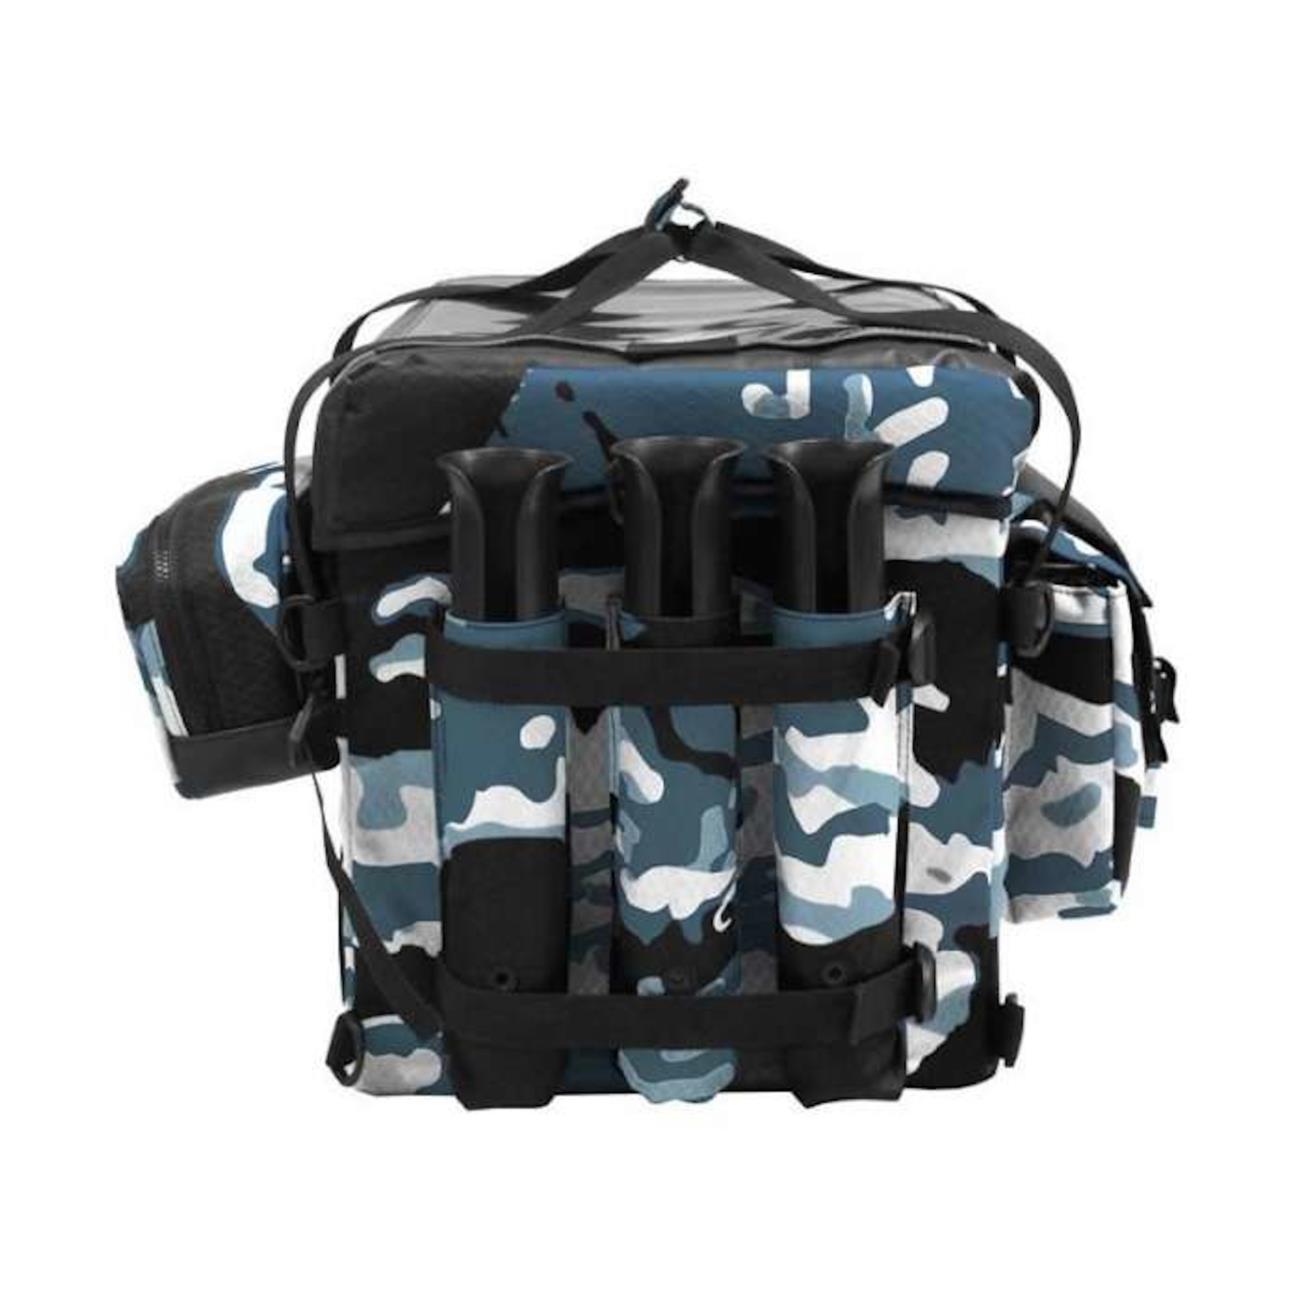 https://feelfreekayak.eu/1102-small_default/crate-bag-blue-camo.jpg